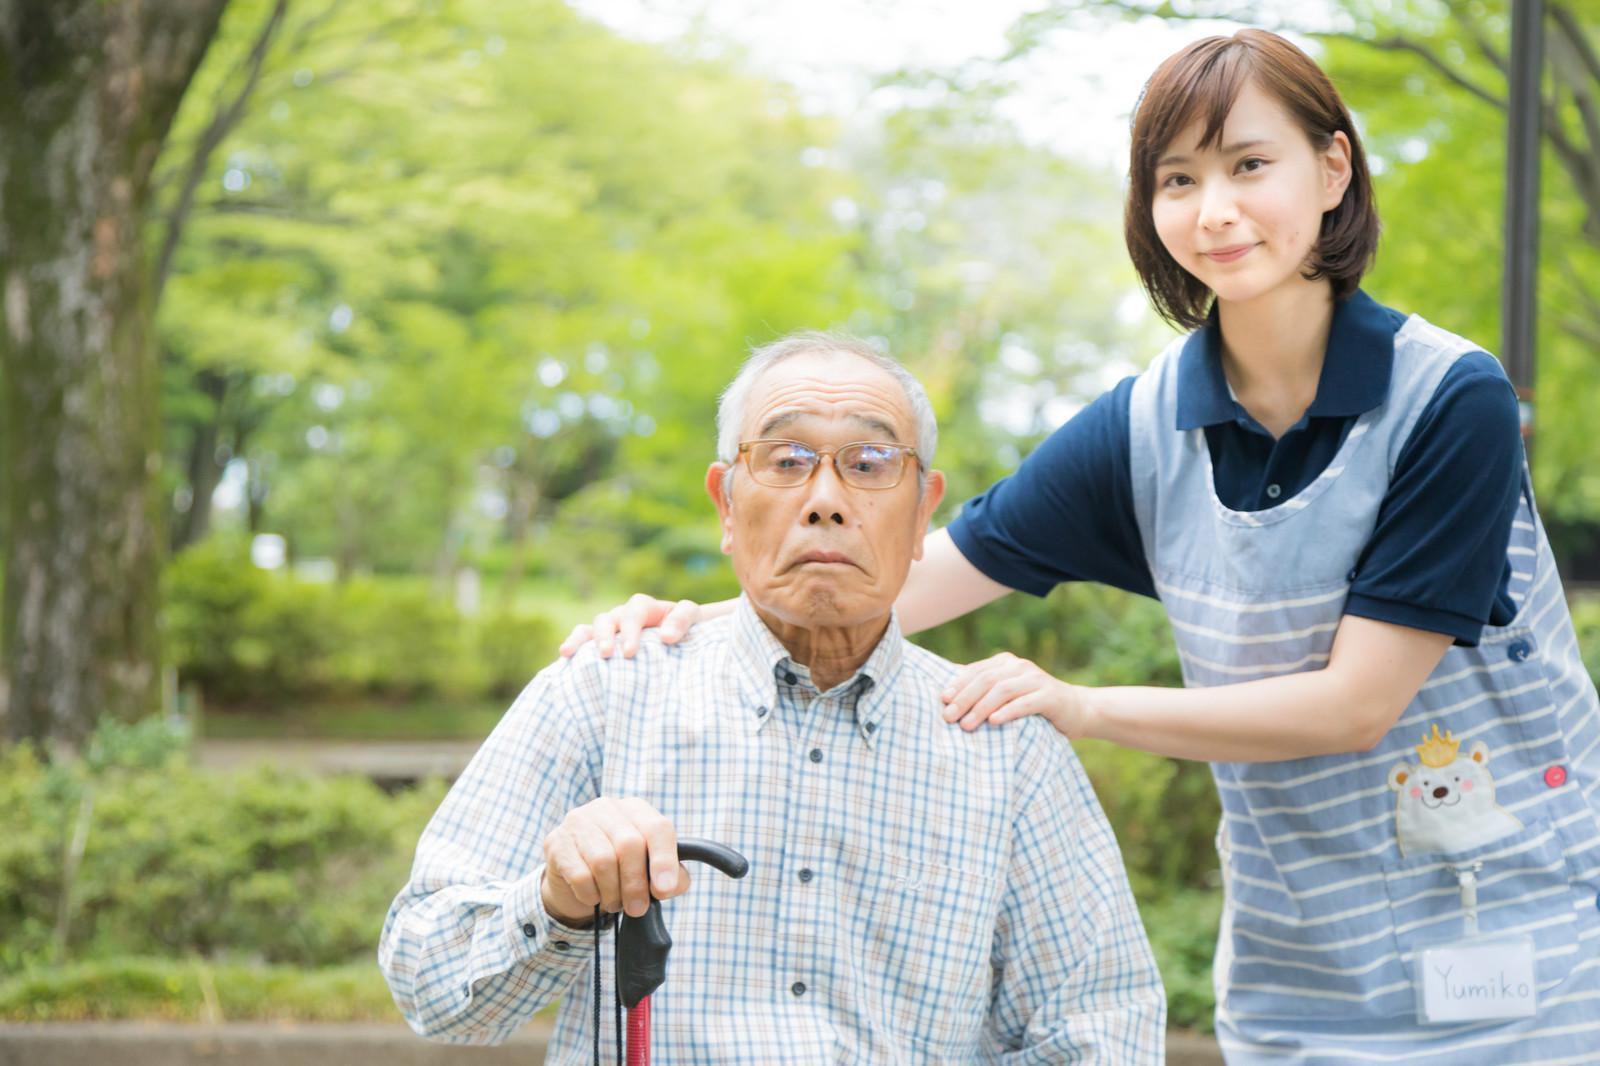 【有料老人ホーム介護スタッフ】安心の待遇で安定して働きたい方‼Daigasグループのアクティブライフでぜひ☆